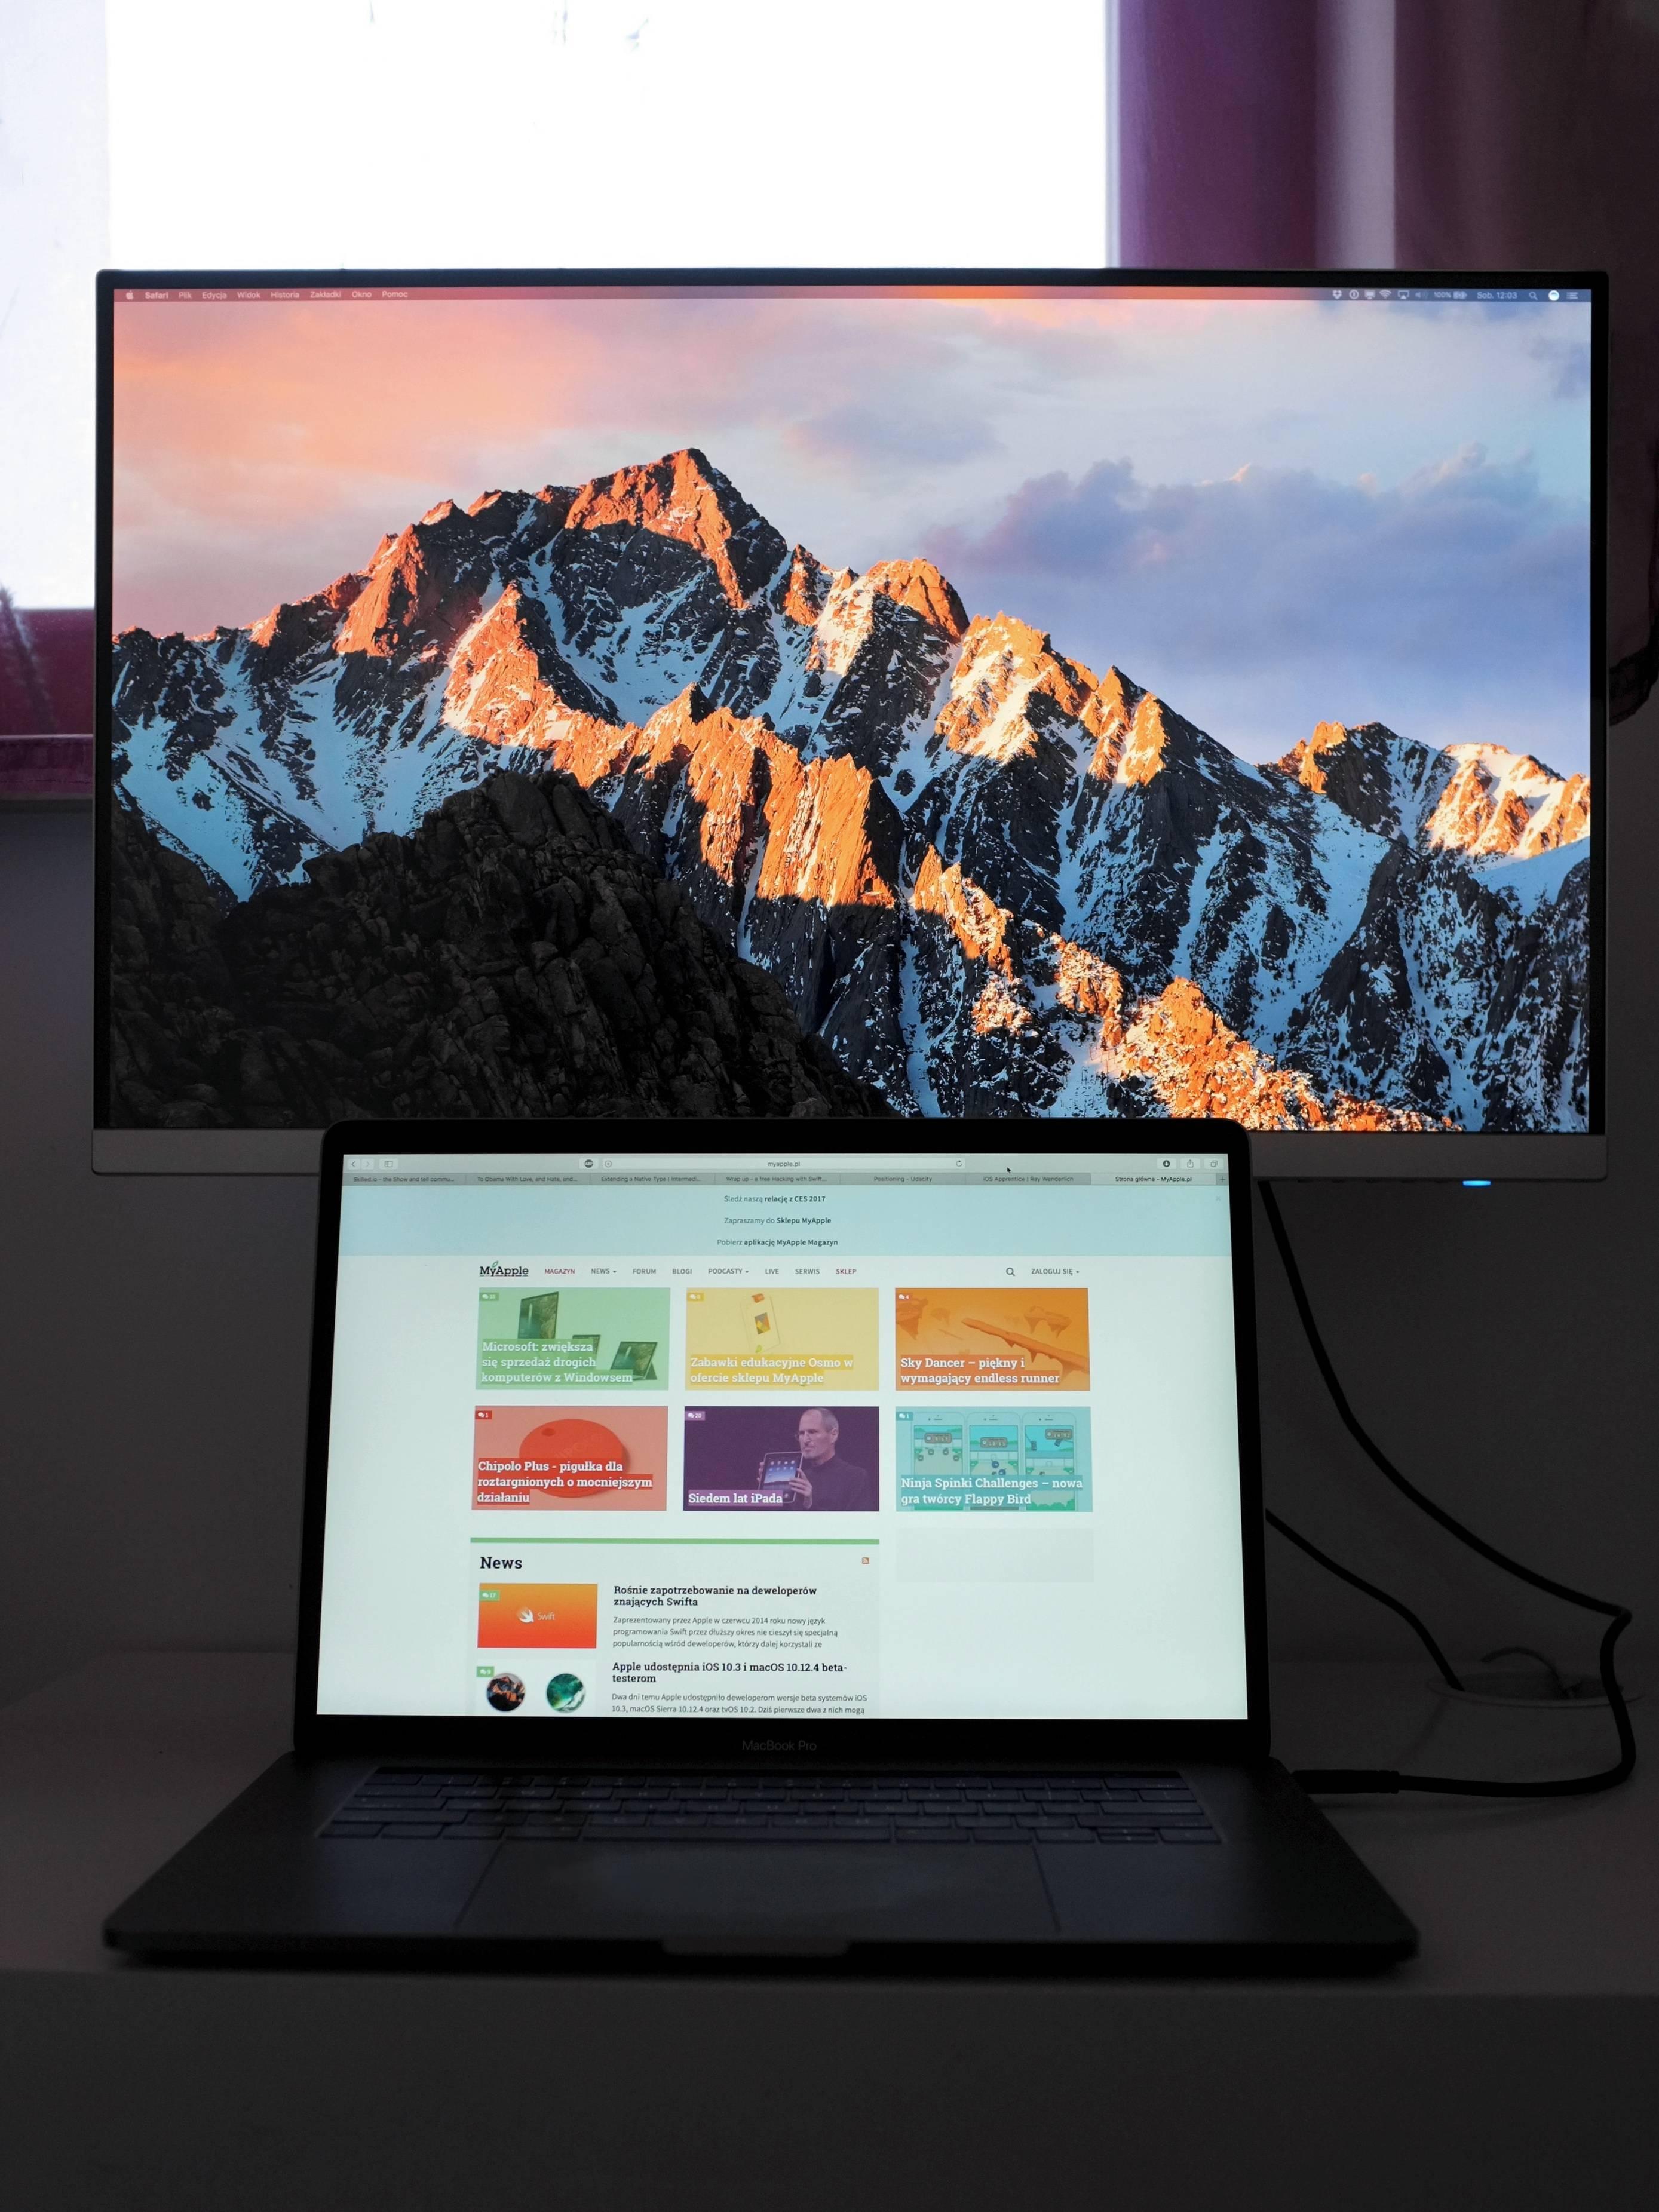 Acer H7